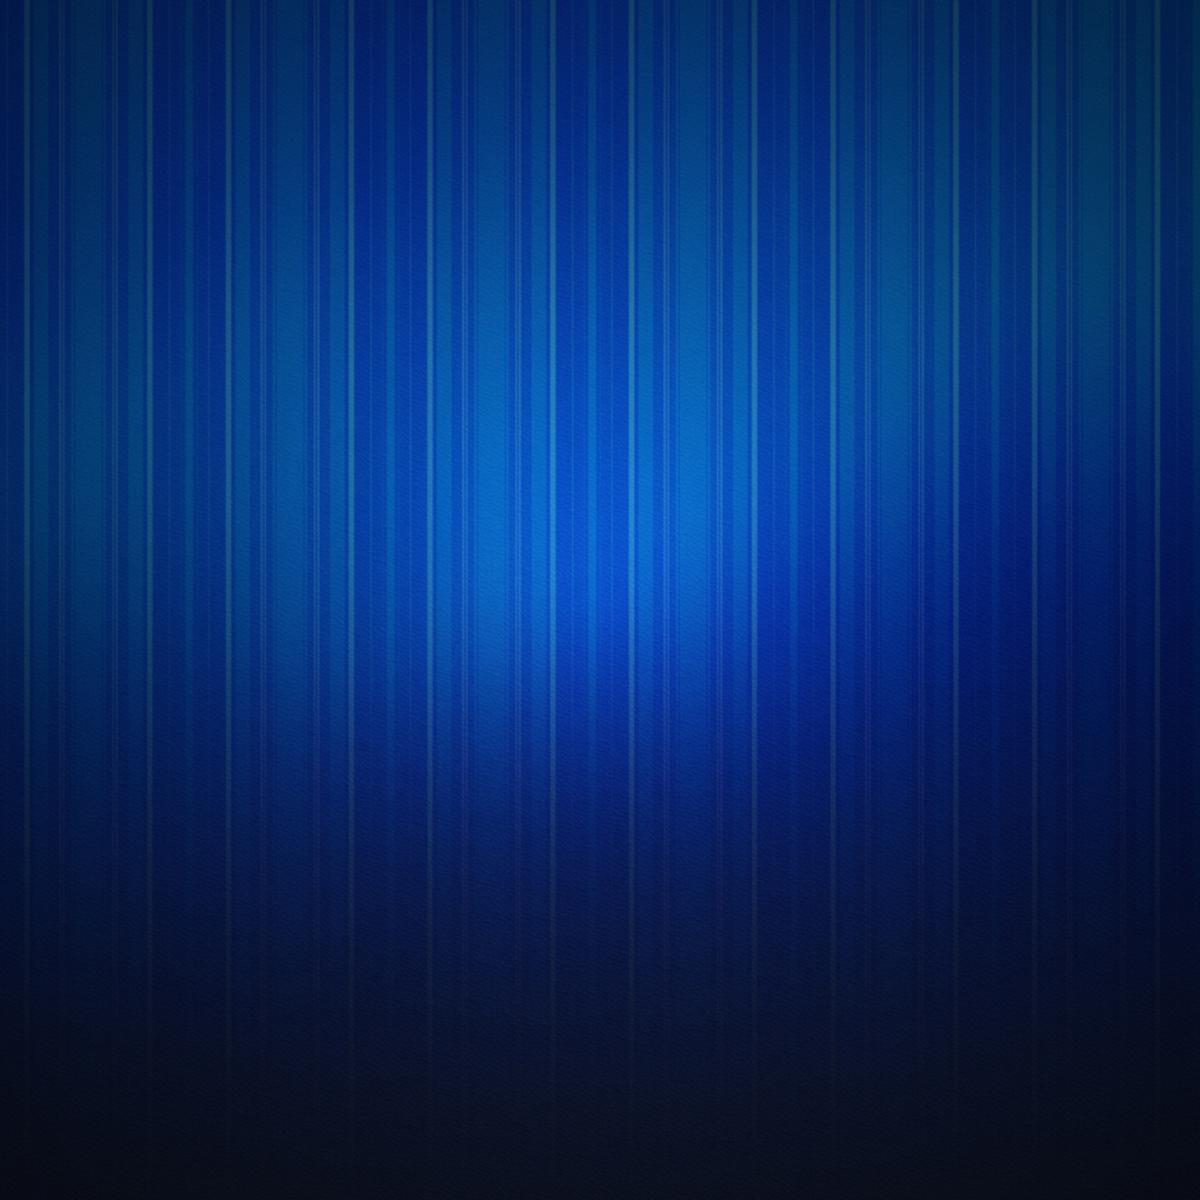 Free Download Plain Blue Backgrounds Wallpaper Plain Blue